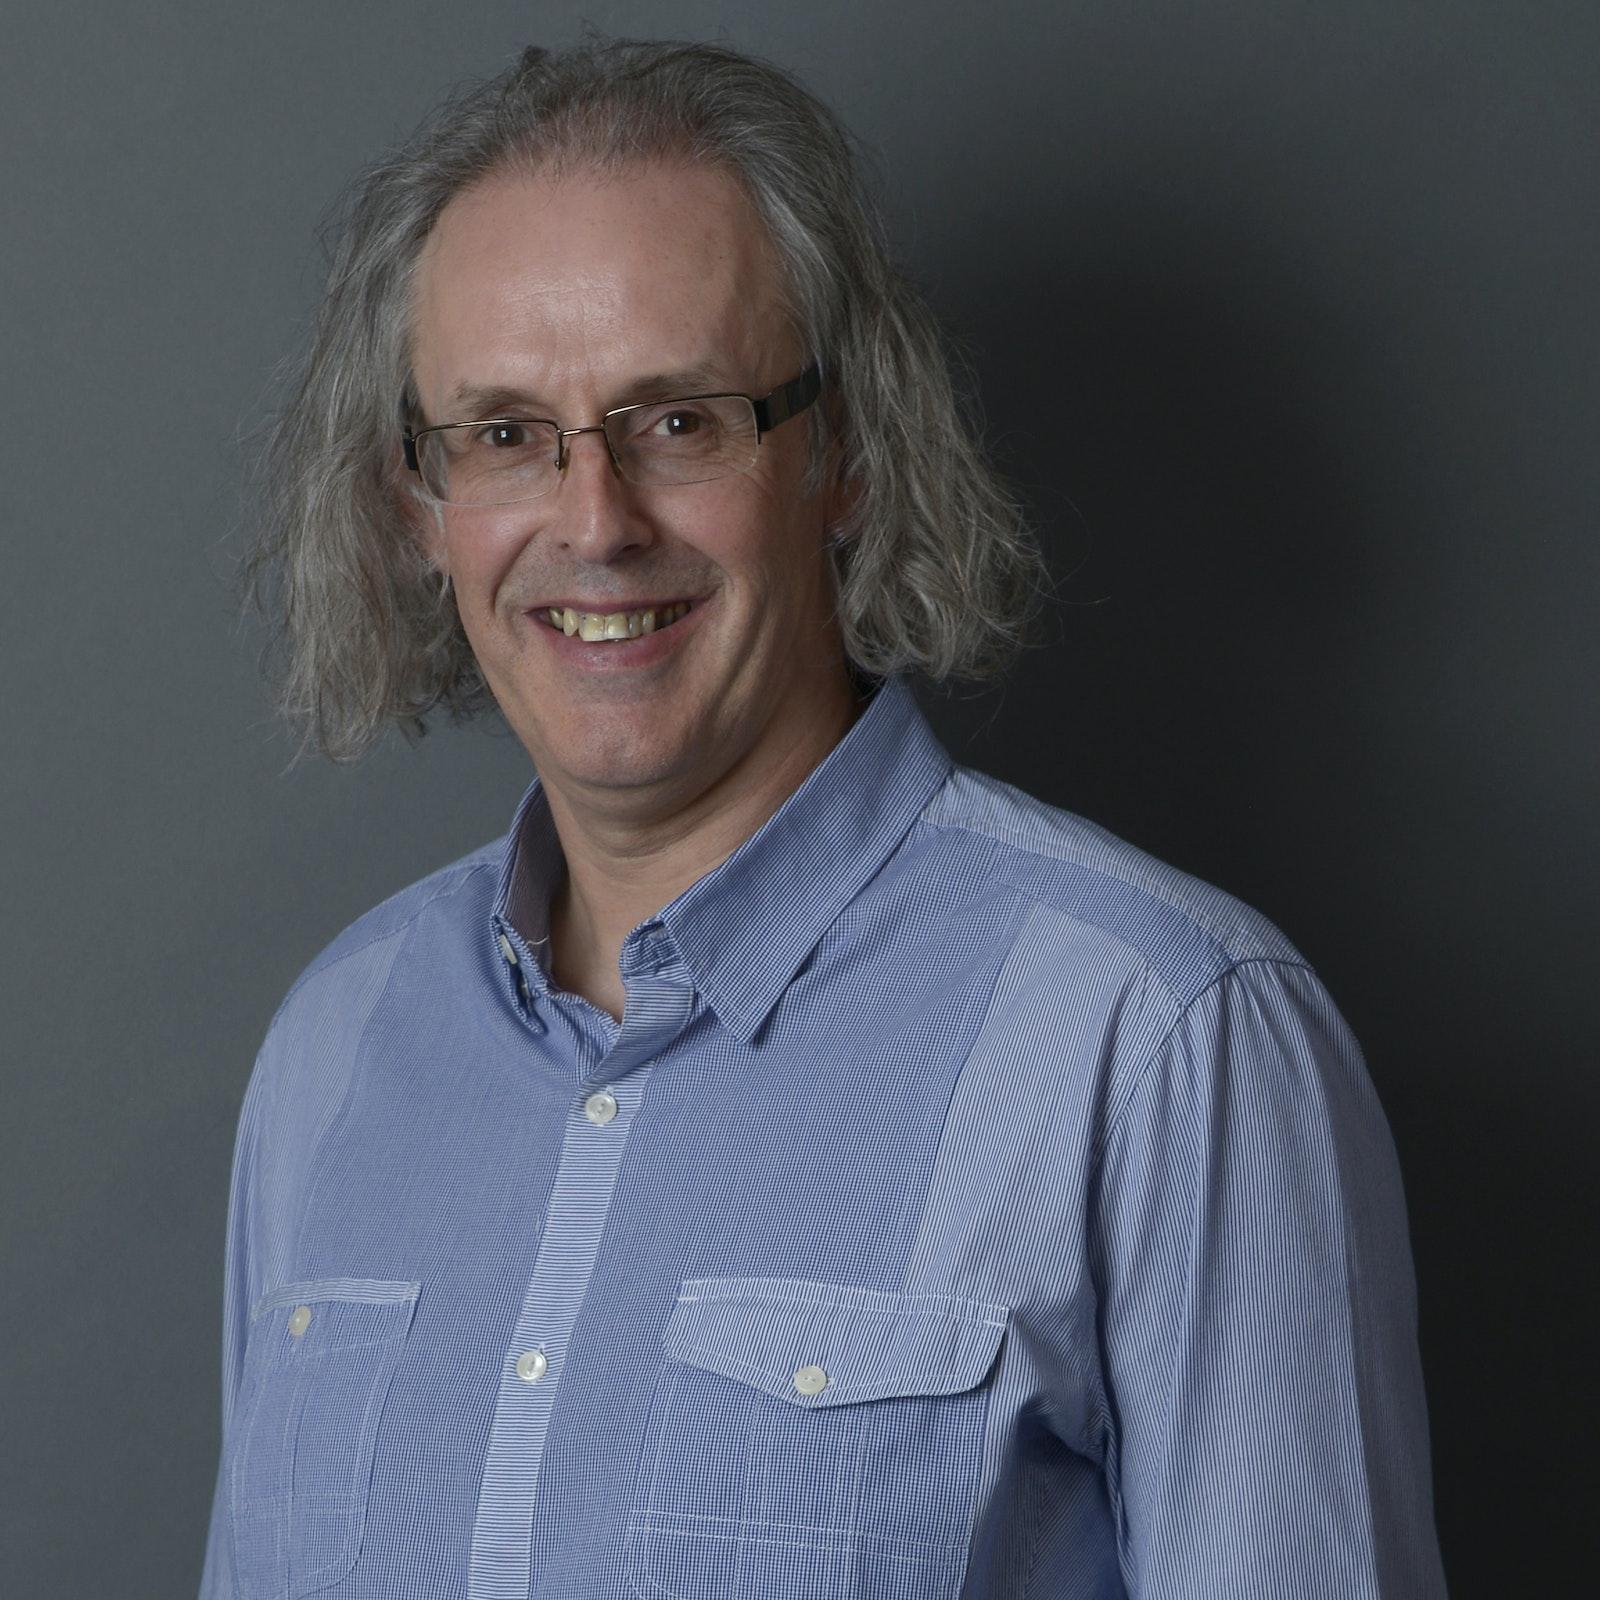 Wayne Bowen